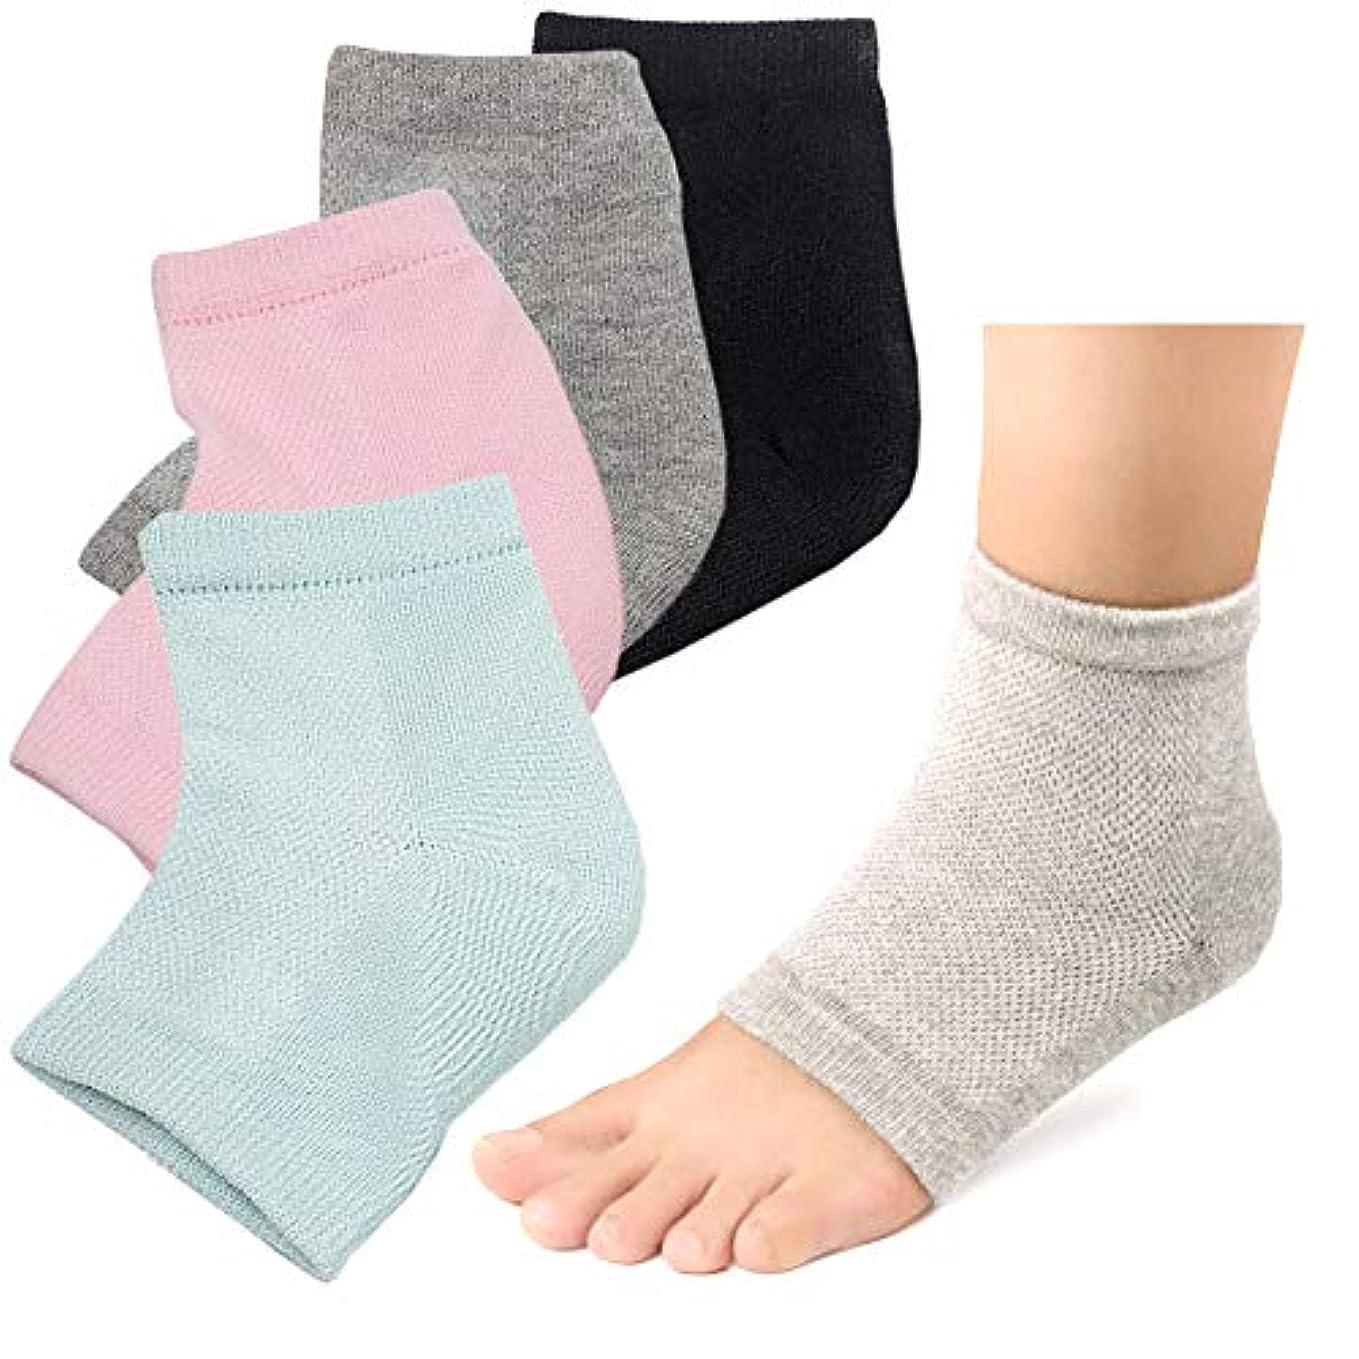 待つ岸癒すかかと 靴下 ソックス つるつる 2足セット かかとケア かかとサポーター ひび割れ対策 角質ケア (ブラック/ピンク)